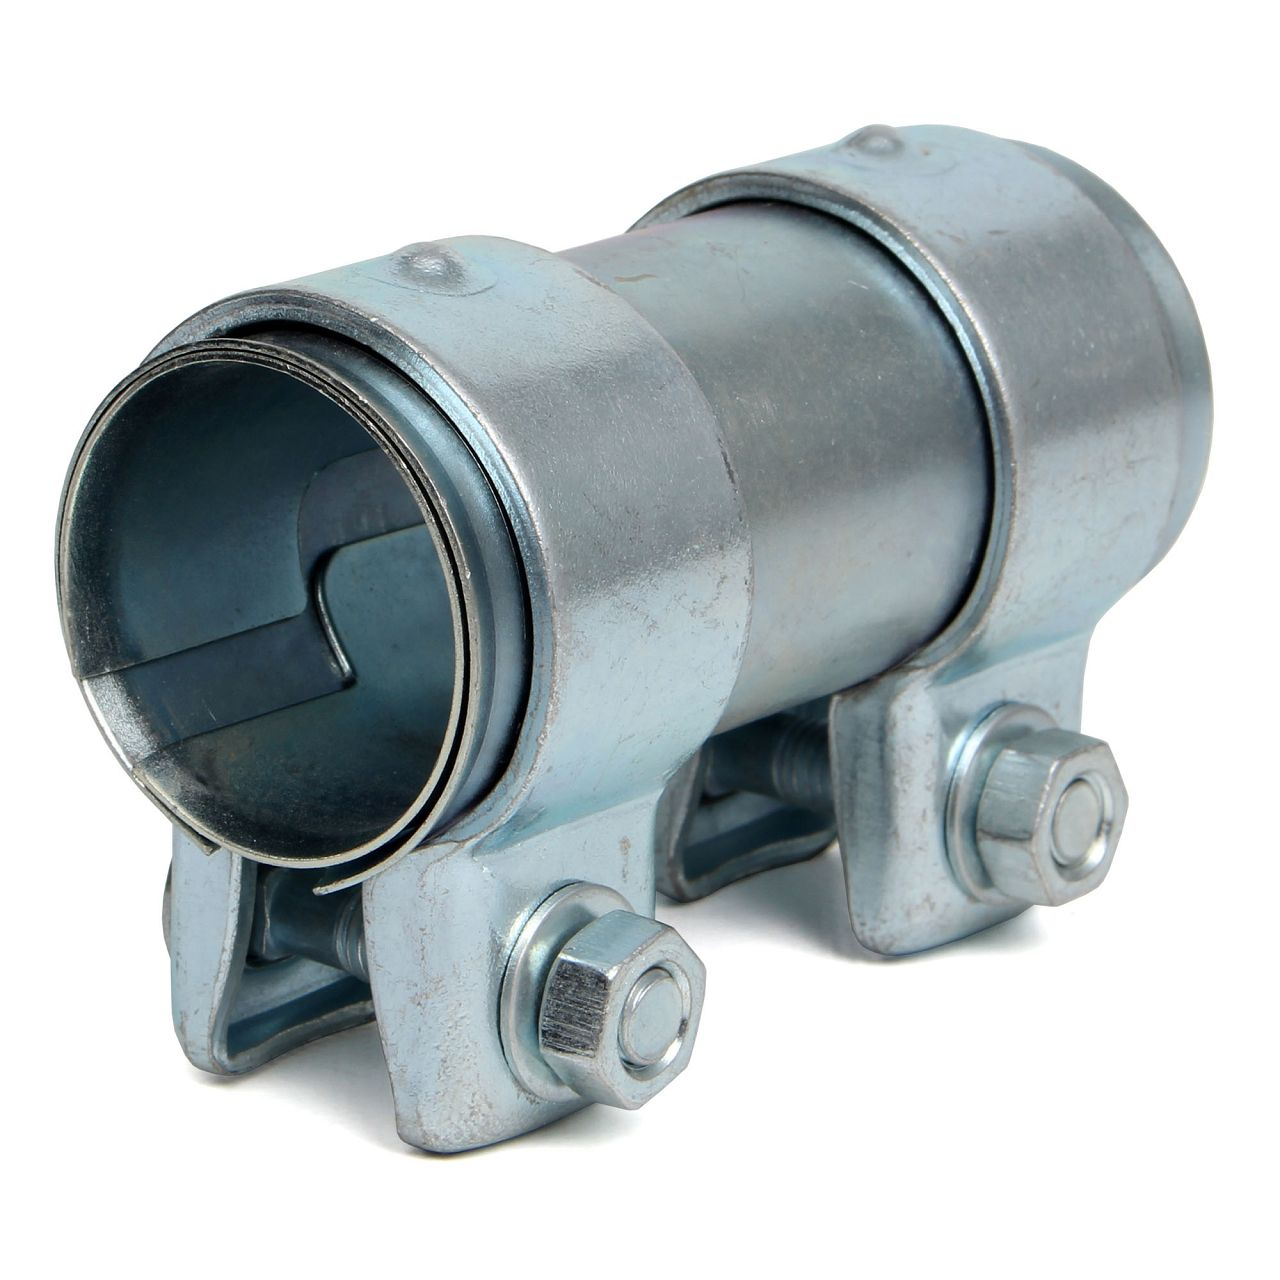 Rohrverbinder Doppelschelle Auspuff Abgasanlage Ø 35 mm x Länge 95 mm